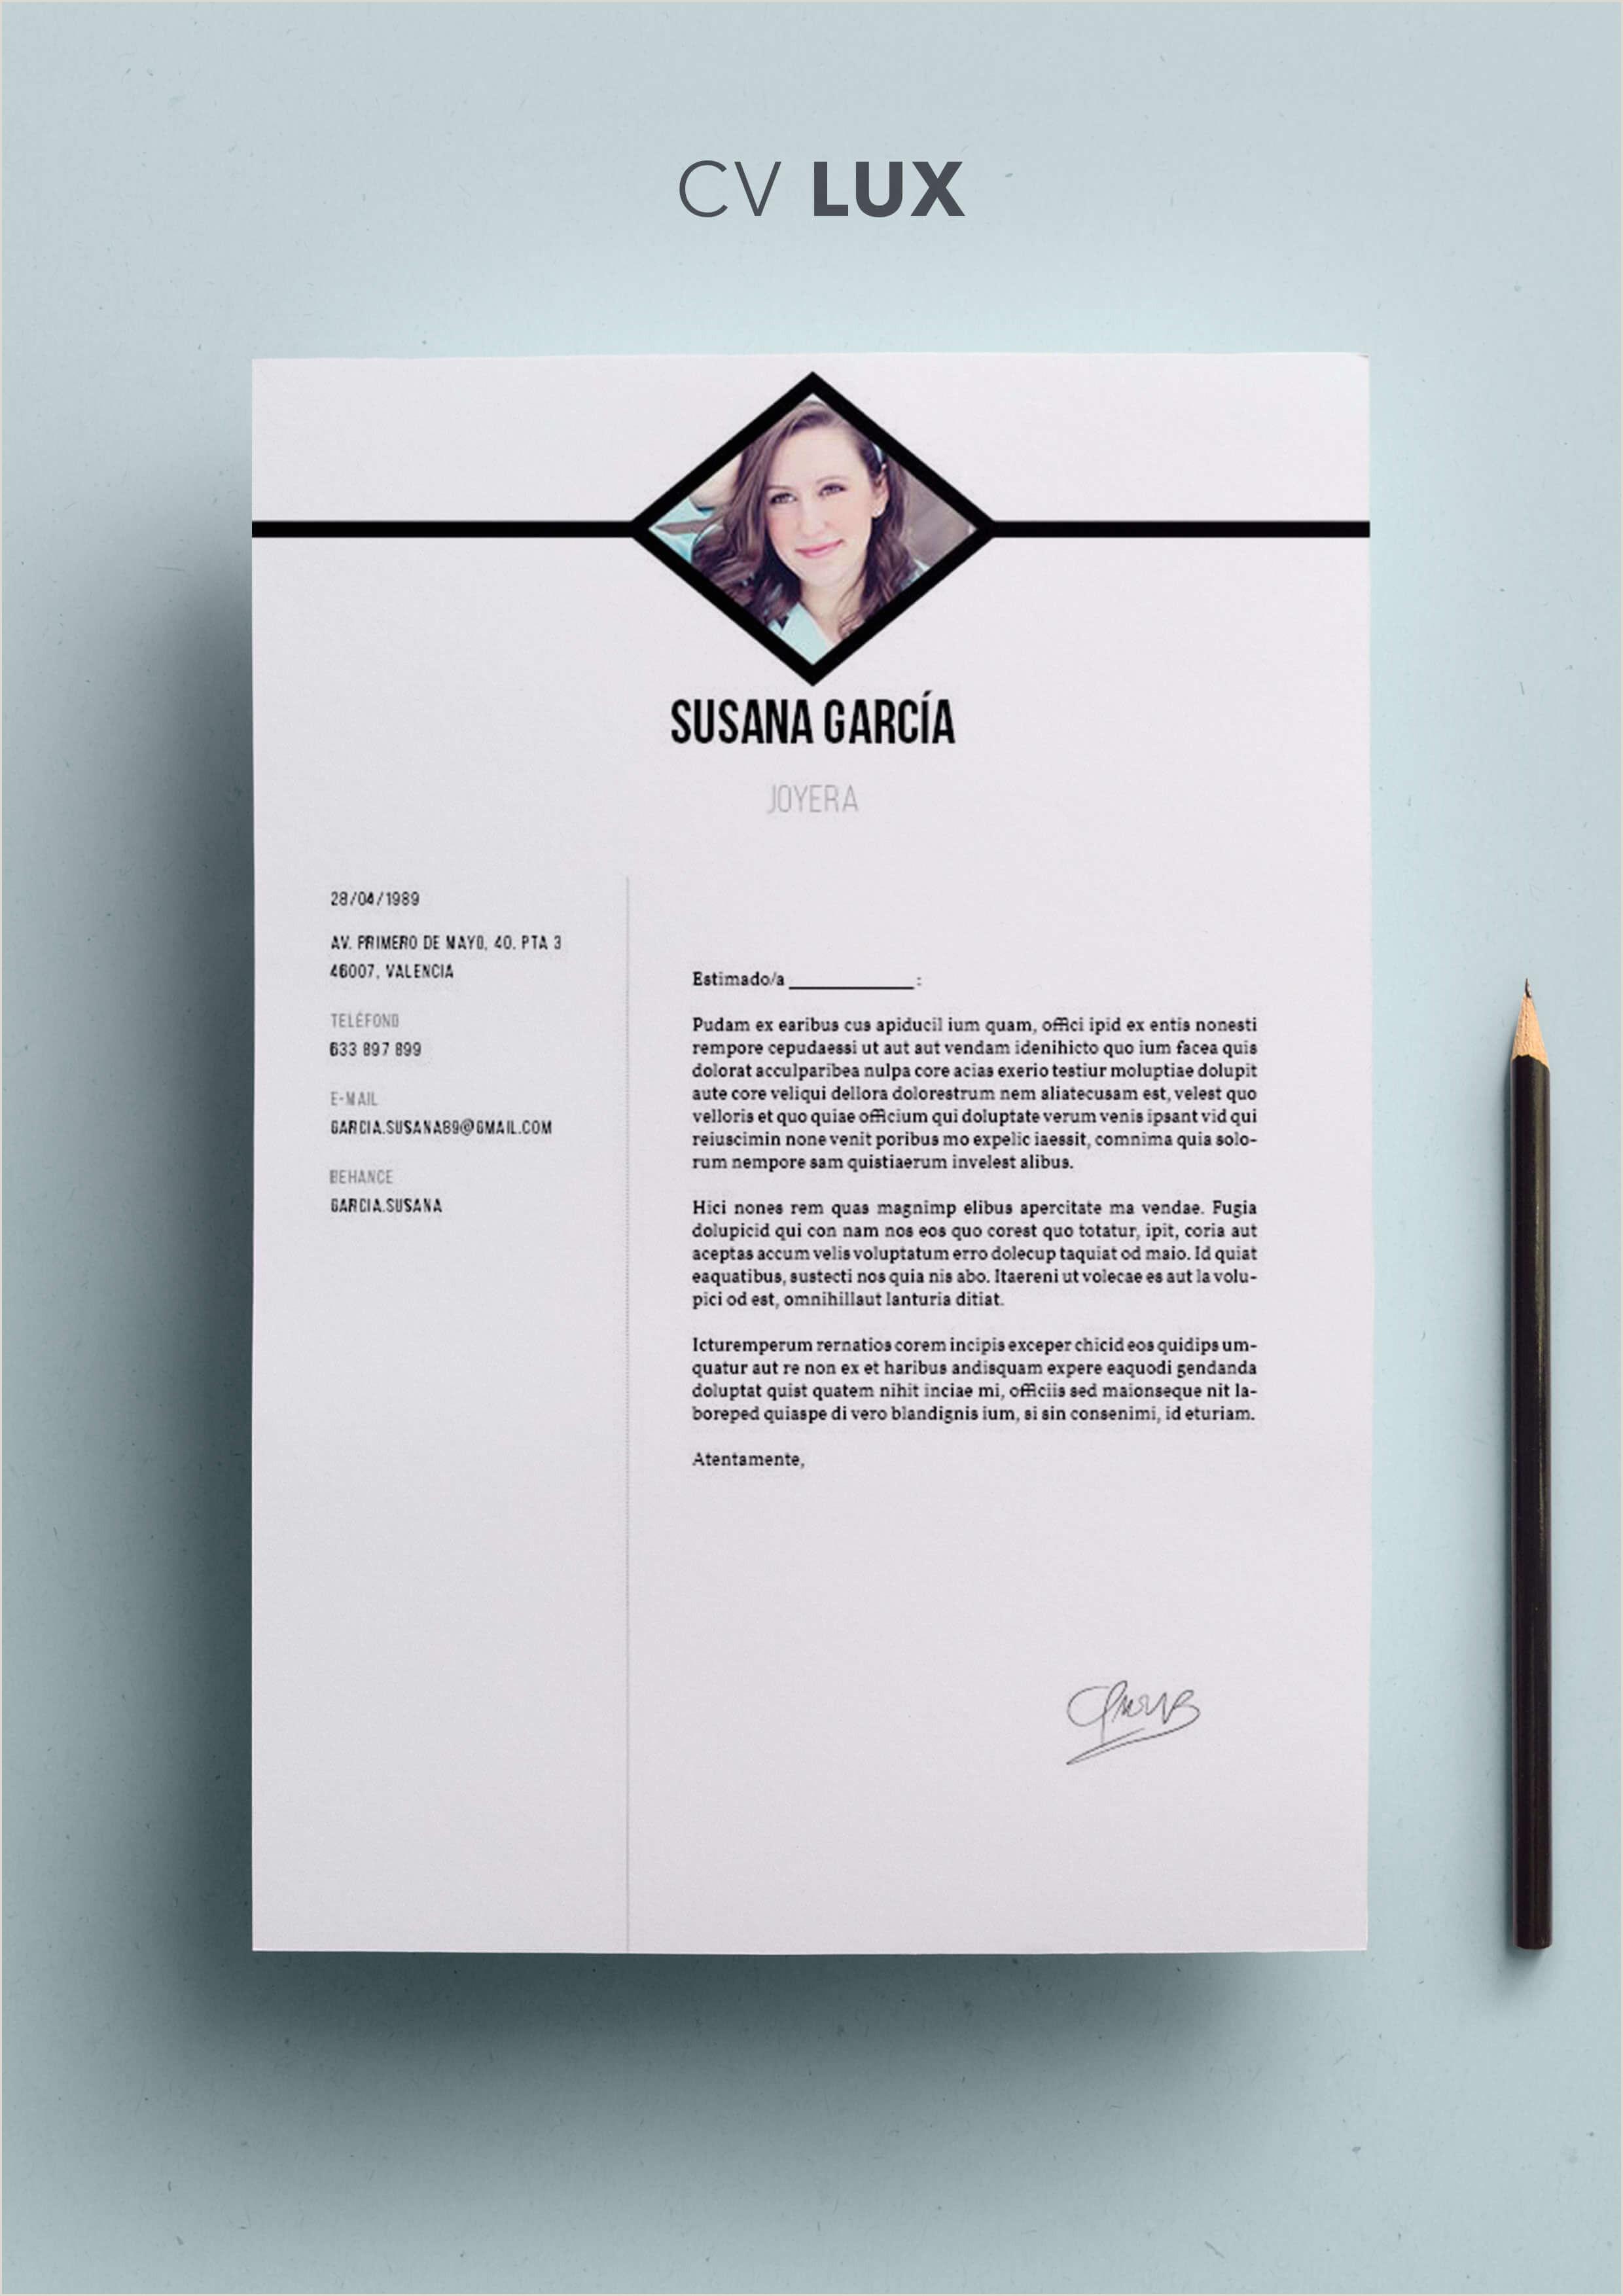 Curriculum Vitae Para Trabajo Para Rellenar Currculum Vitae Modelo Lux